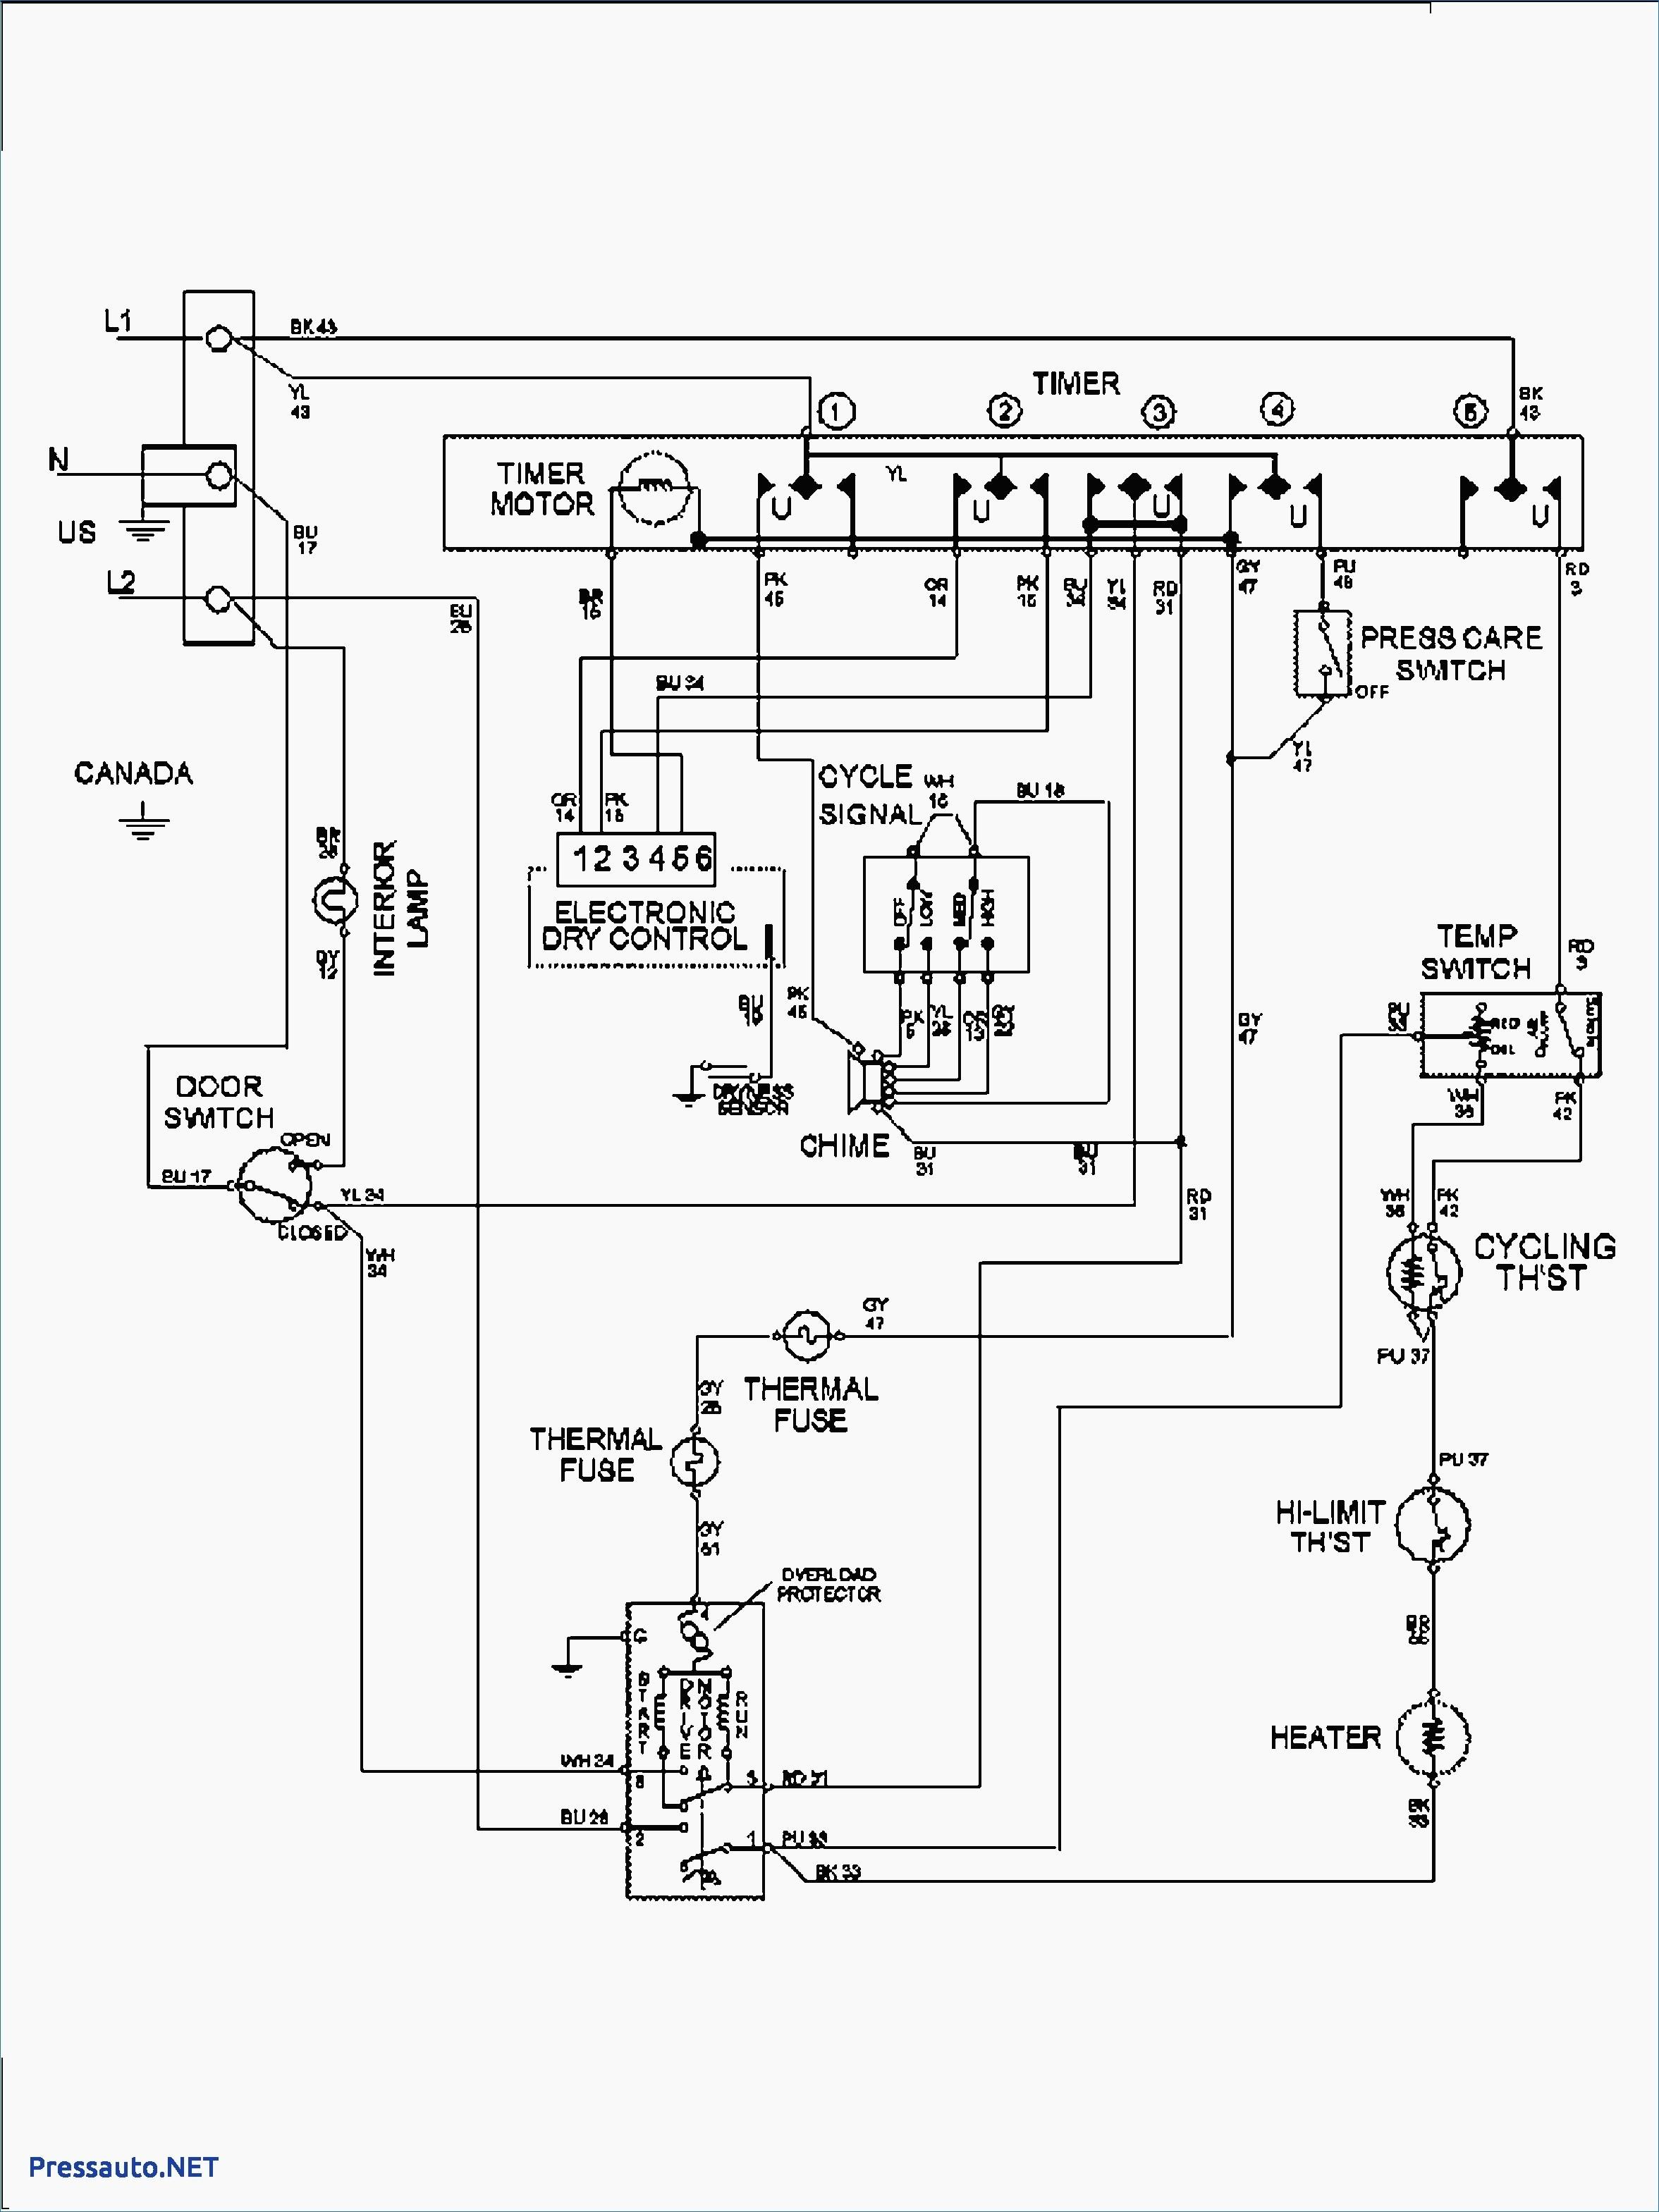 amana dryer parts diagram wiring diagram for ge dryer door